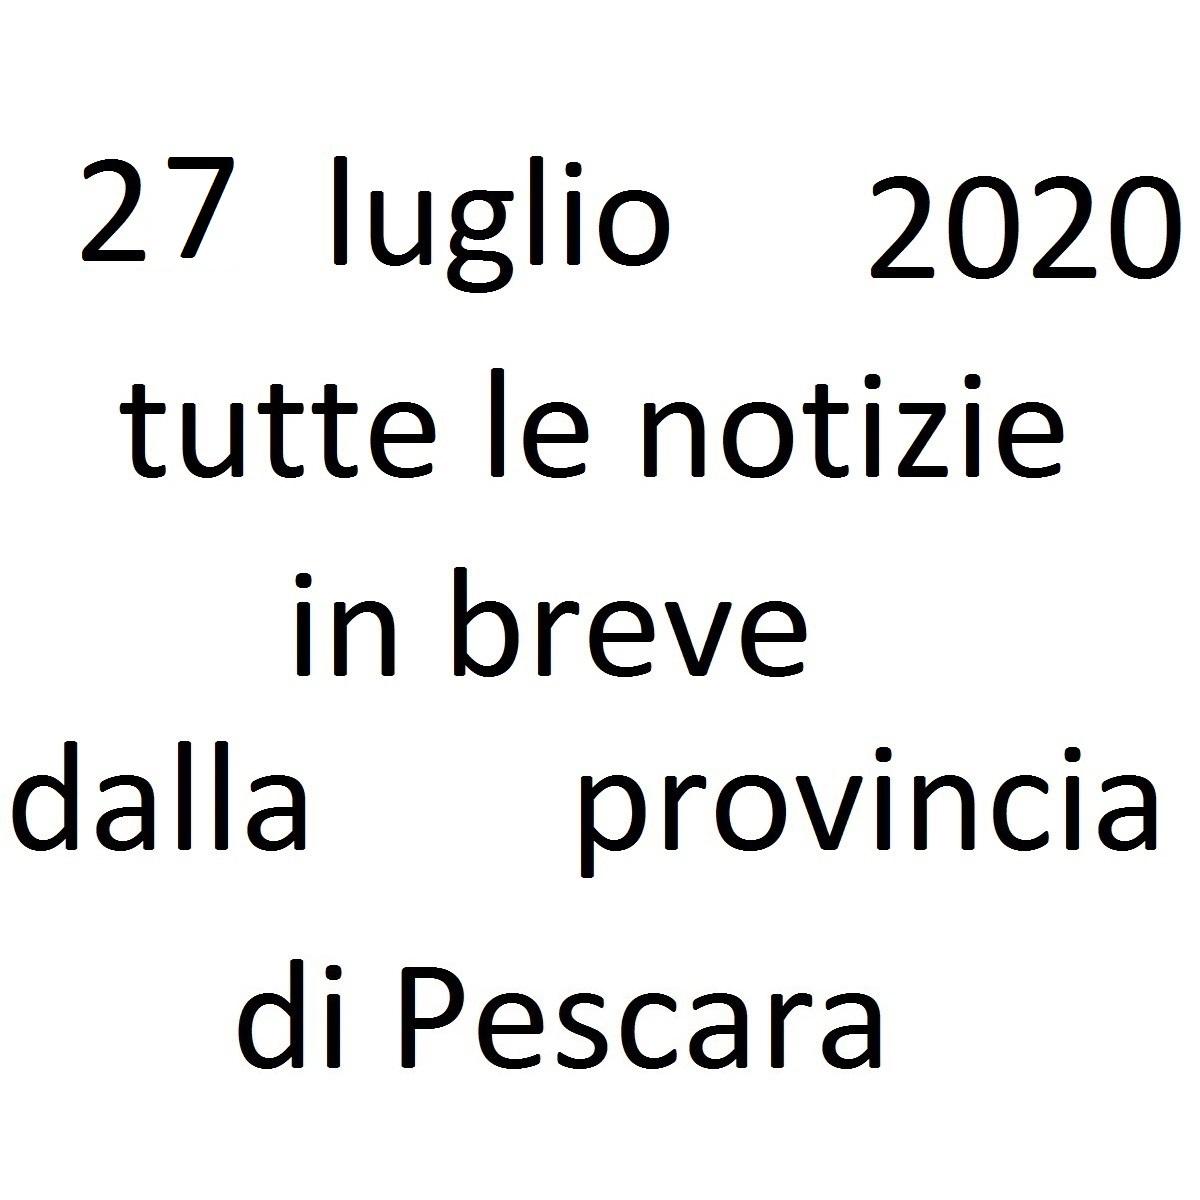 27 luglio 2020 notizie in breve dalla Provincia di Pescara foto